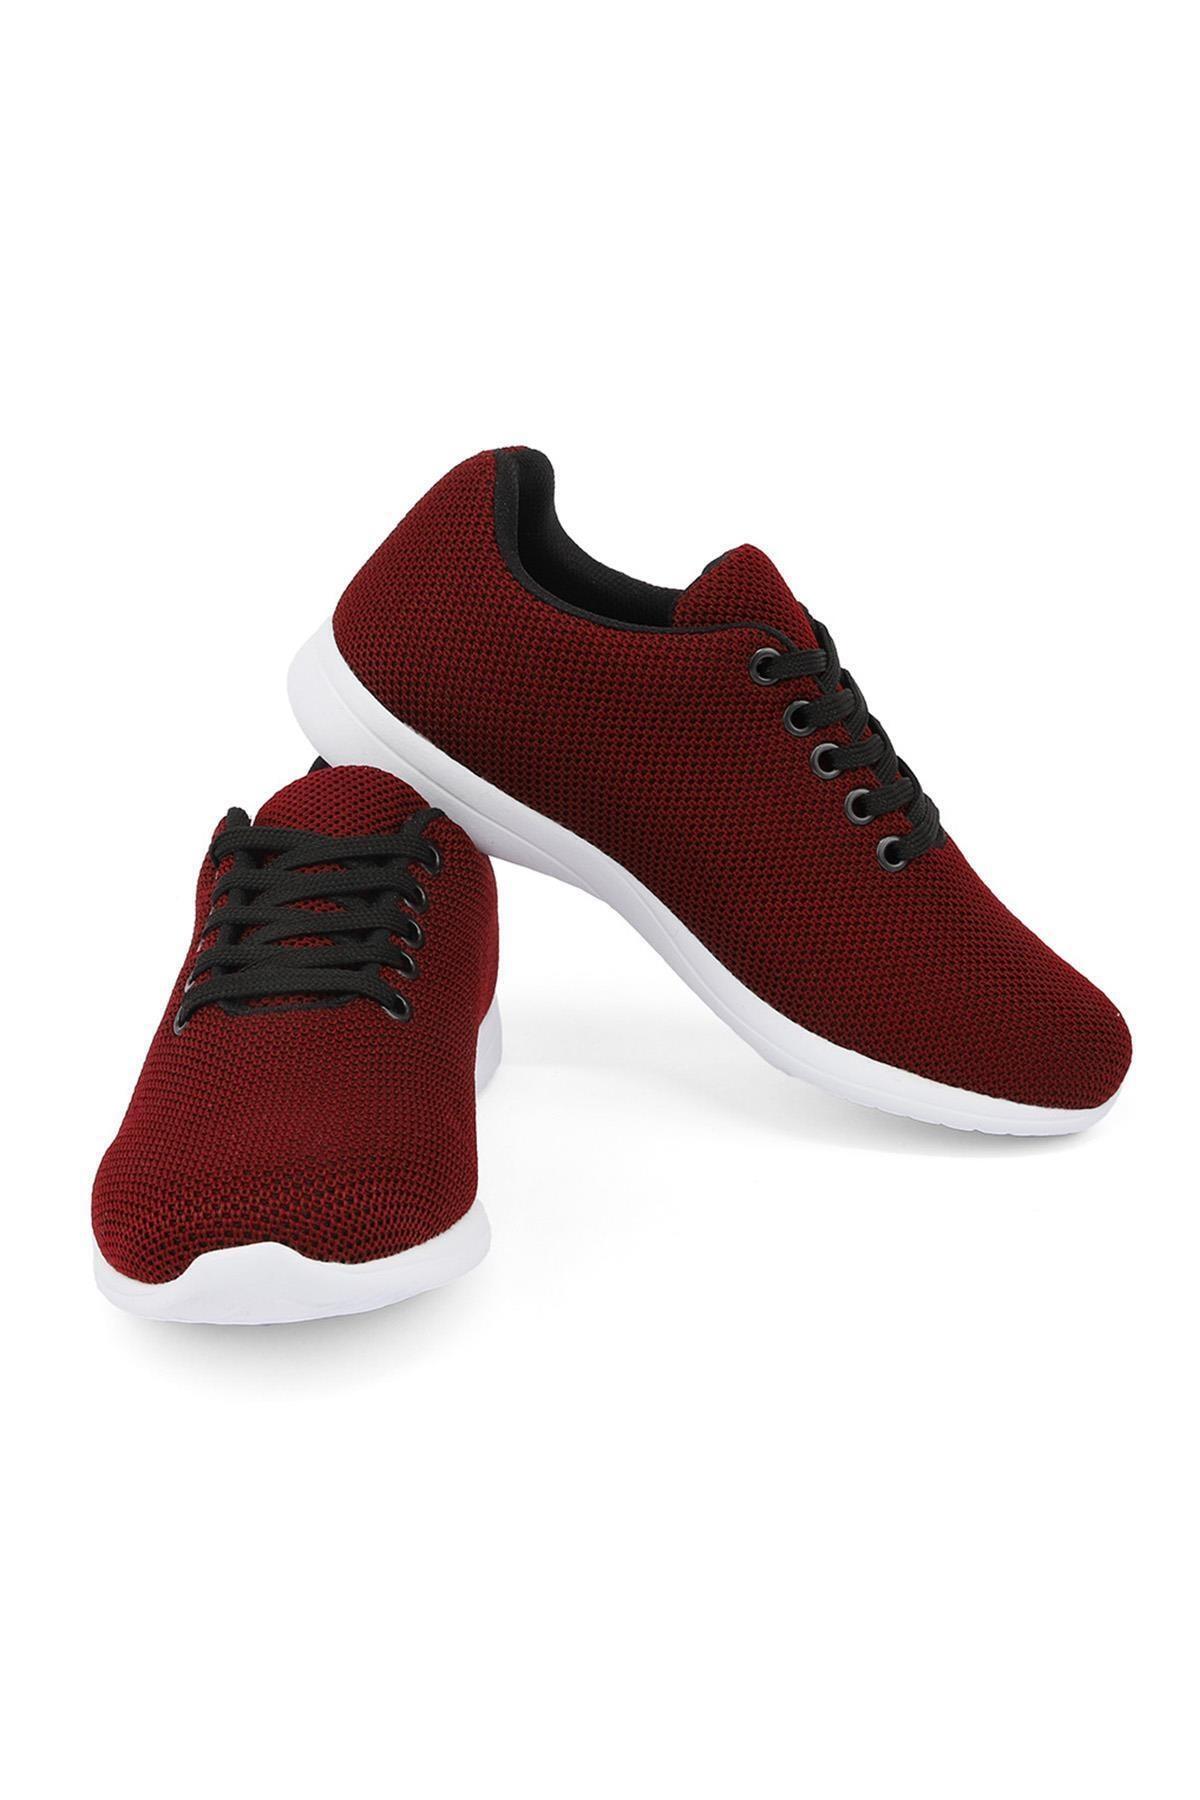 LETOON 2065 Kadın Günlük Ayakkabı 2